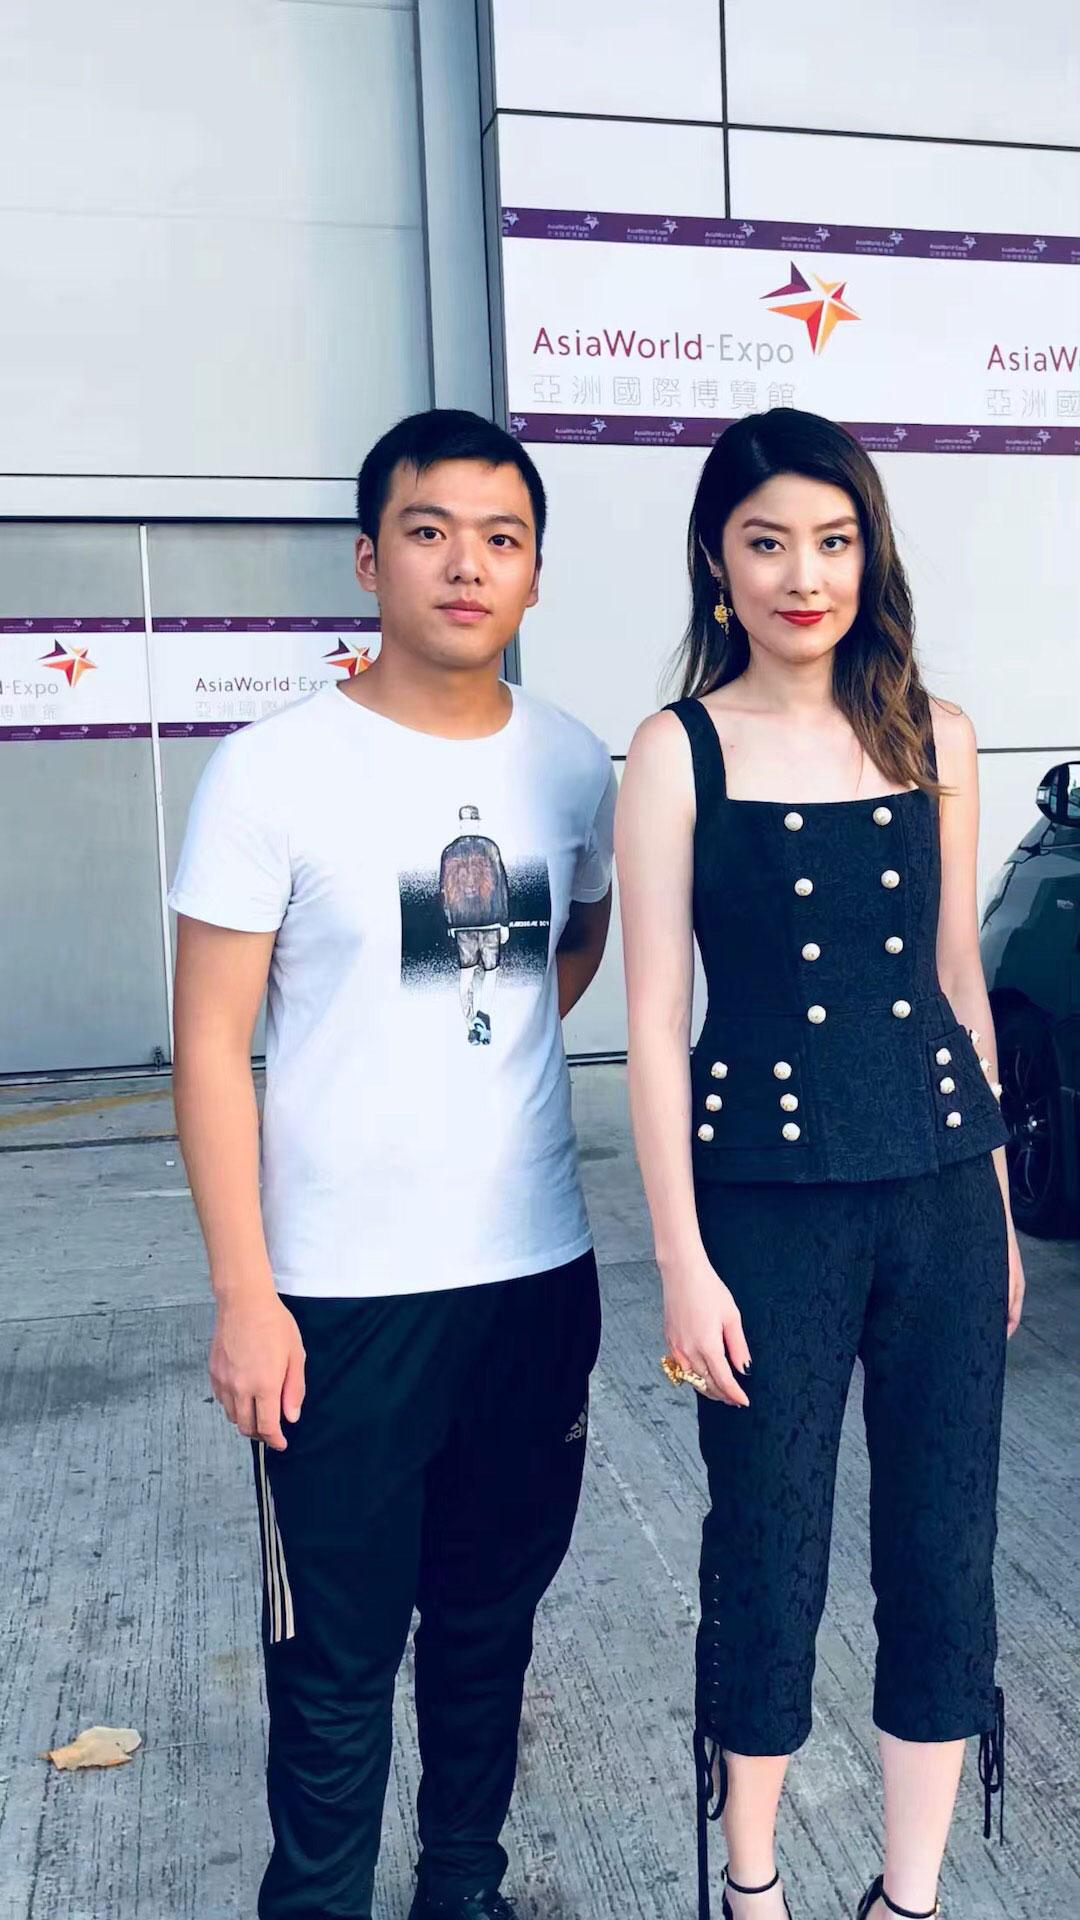 上海明星吴昕经纪公司星灿传媒